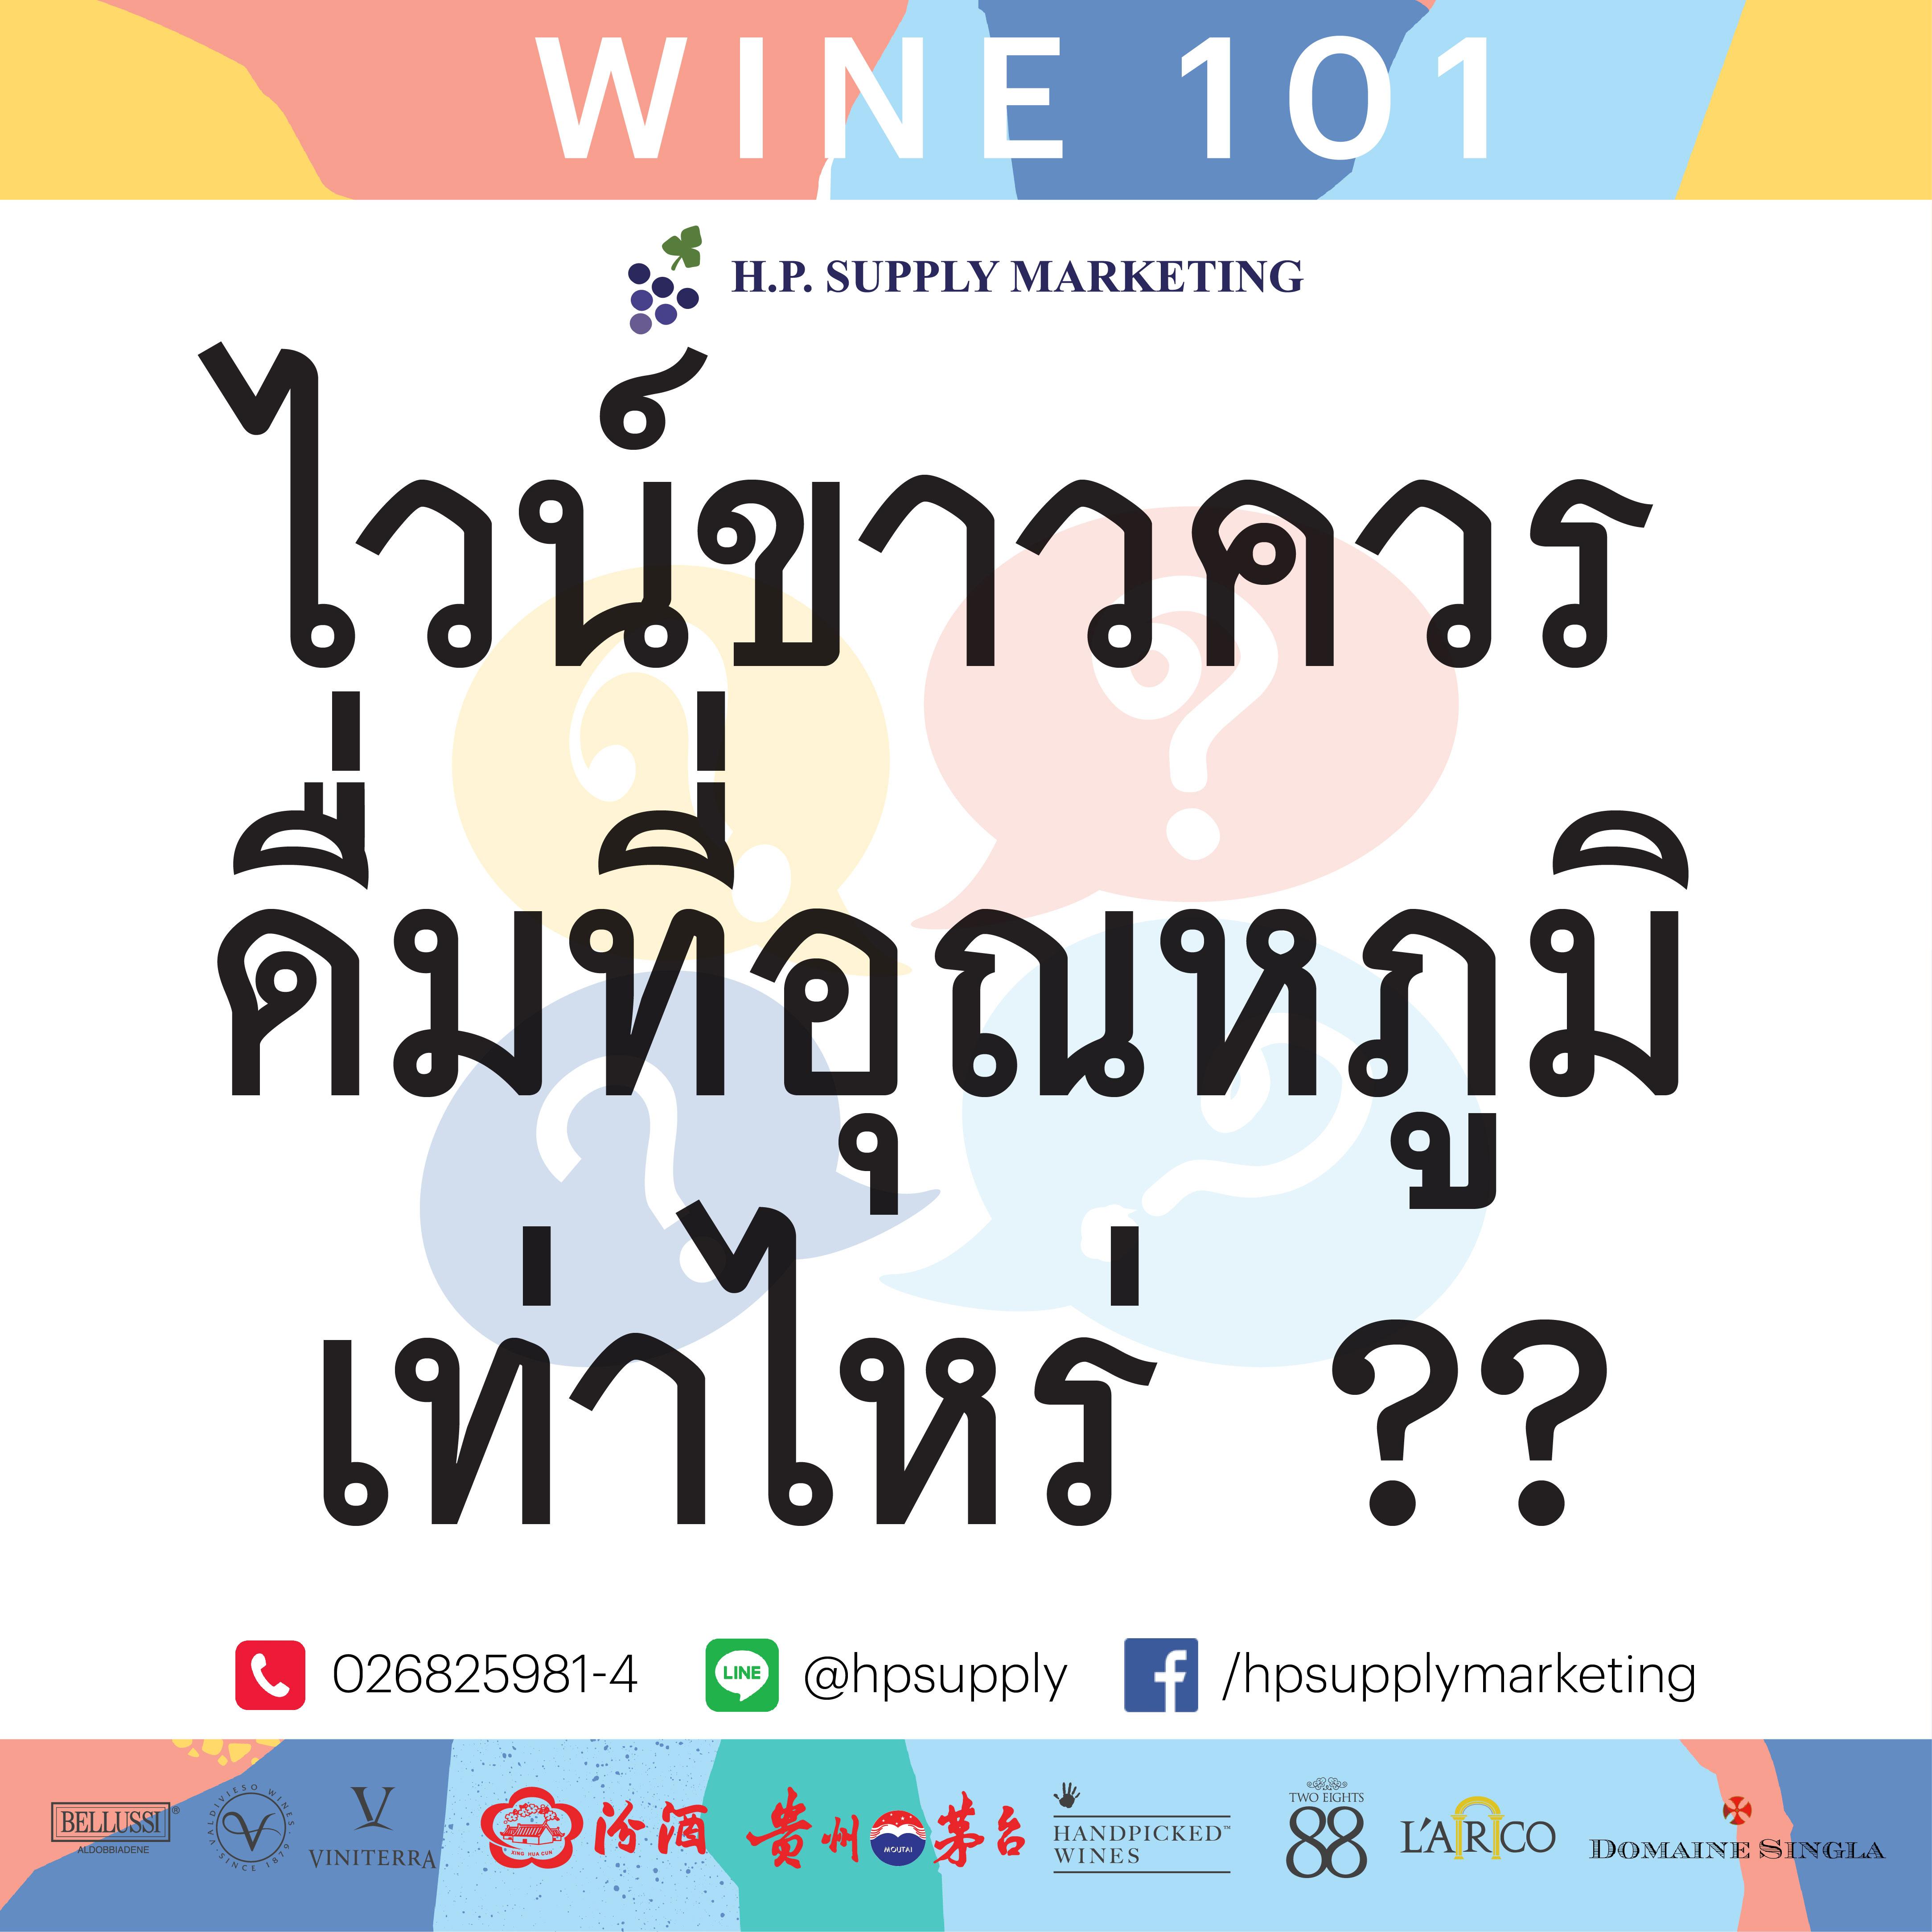 EP. 3 ไวน์ขาวควรดื่มที่อุณหภูมิเท่าไหร่